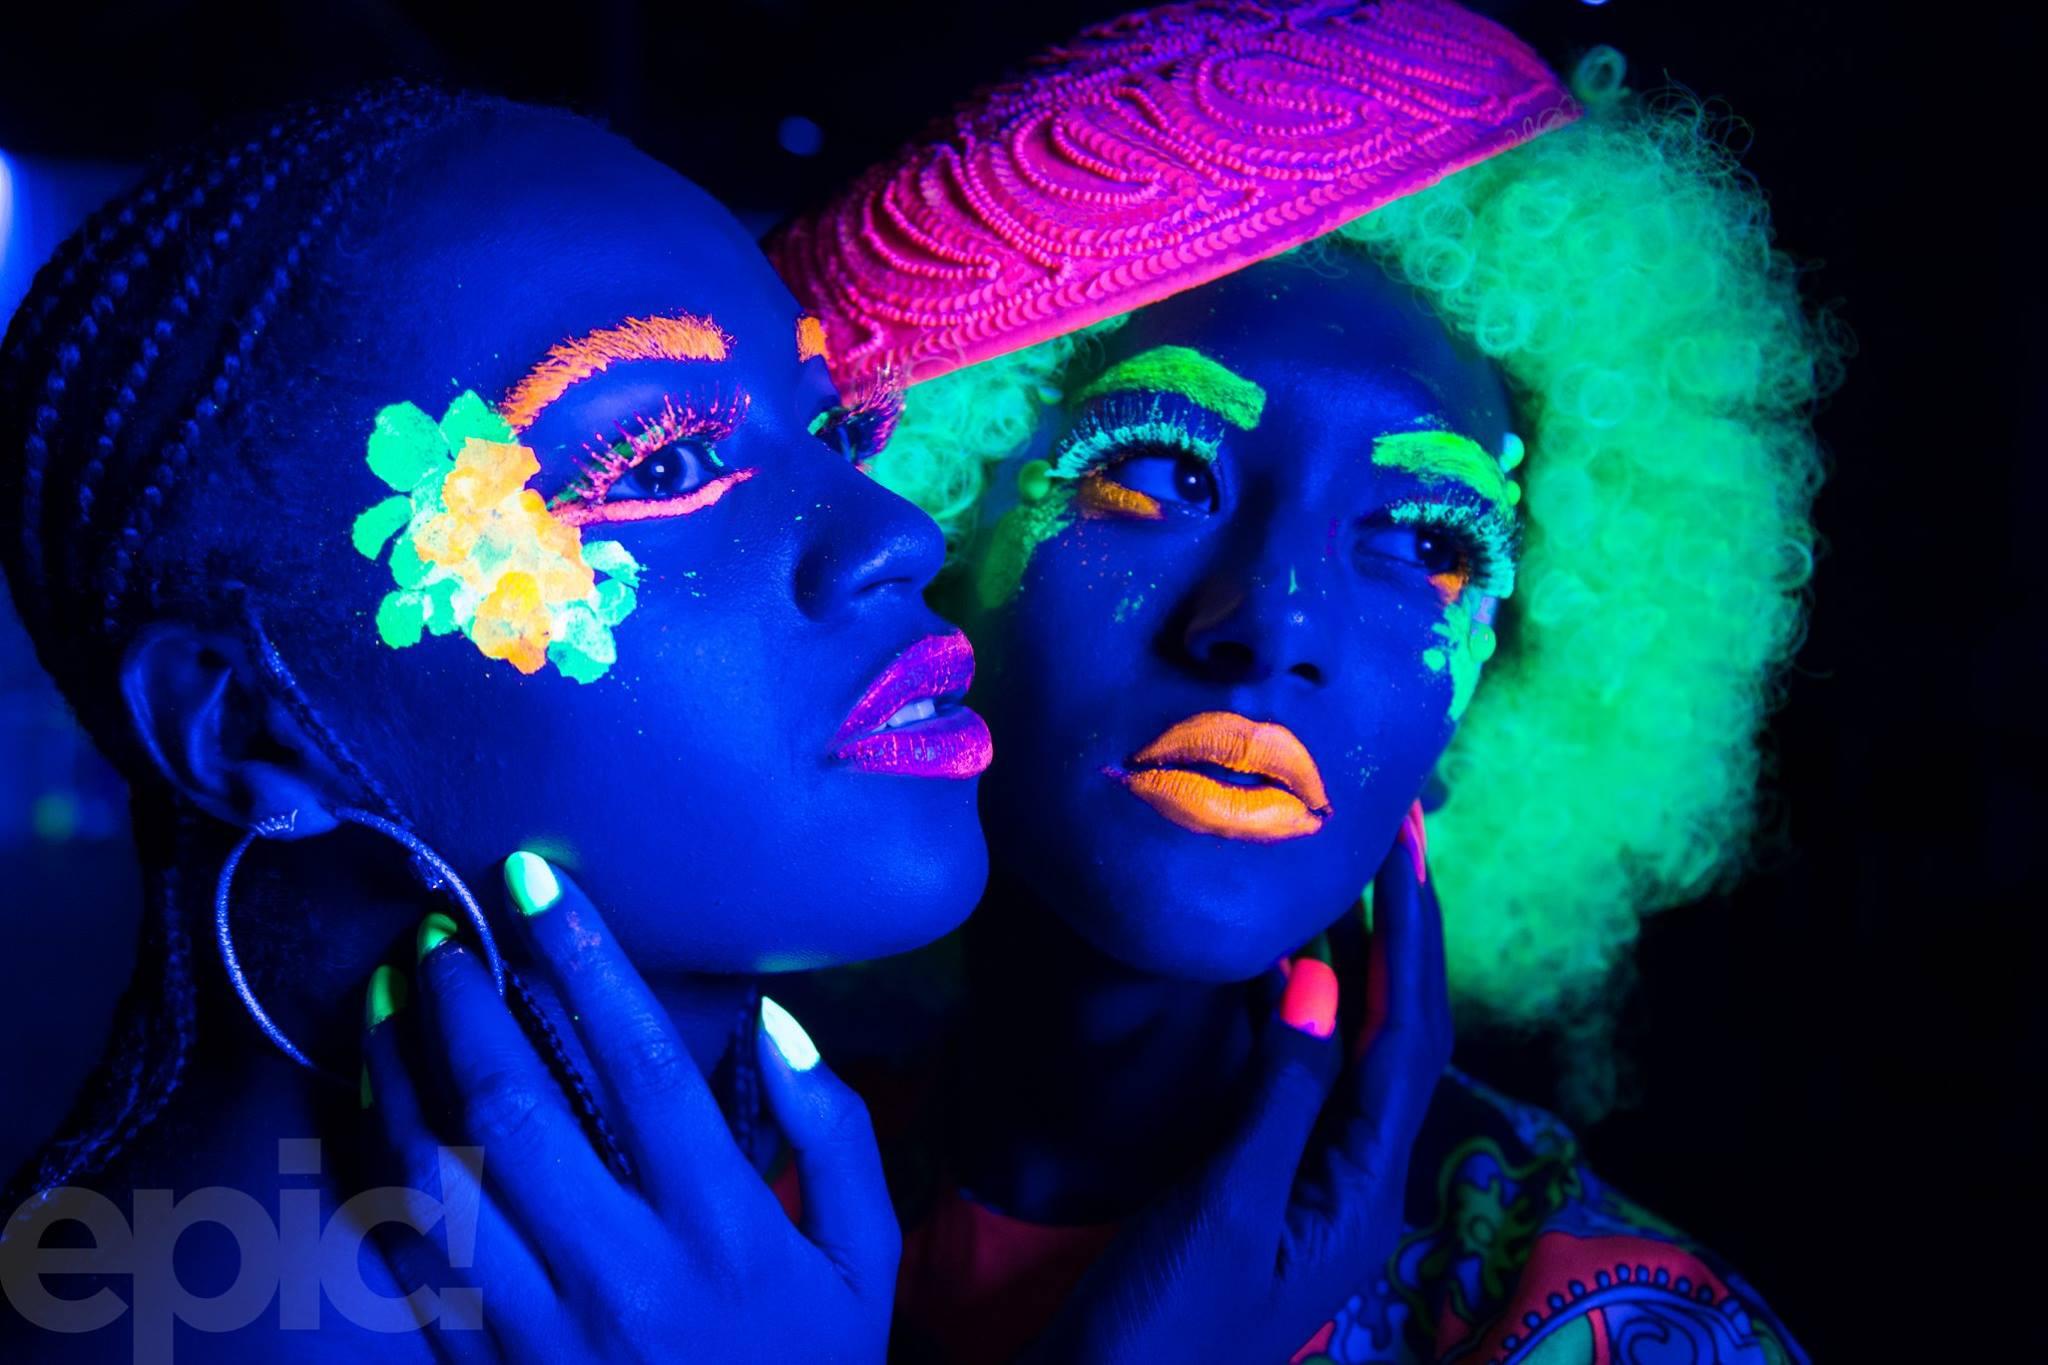 2017 05-04 Luminescence at NOVA 535 Models Bri Bryant and DeLisa Silva